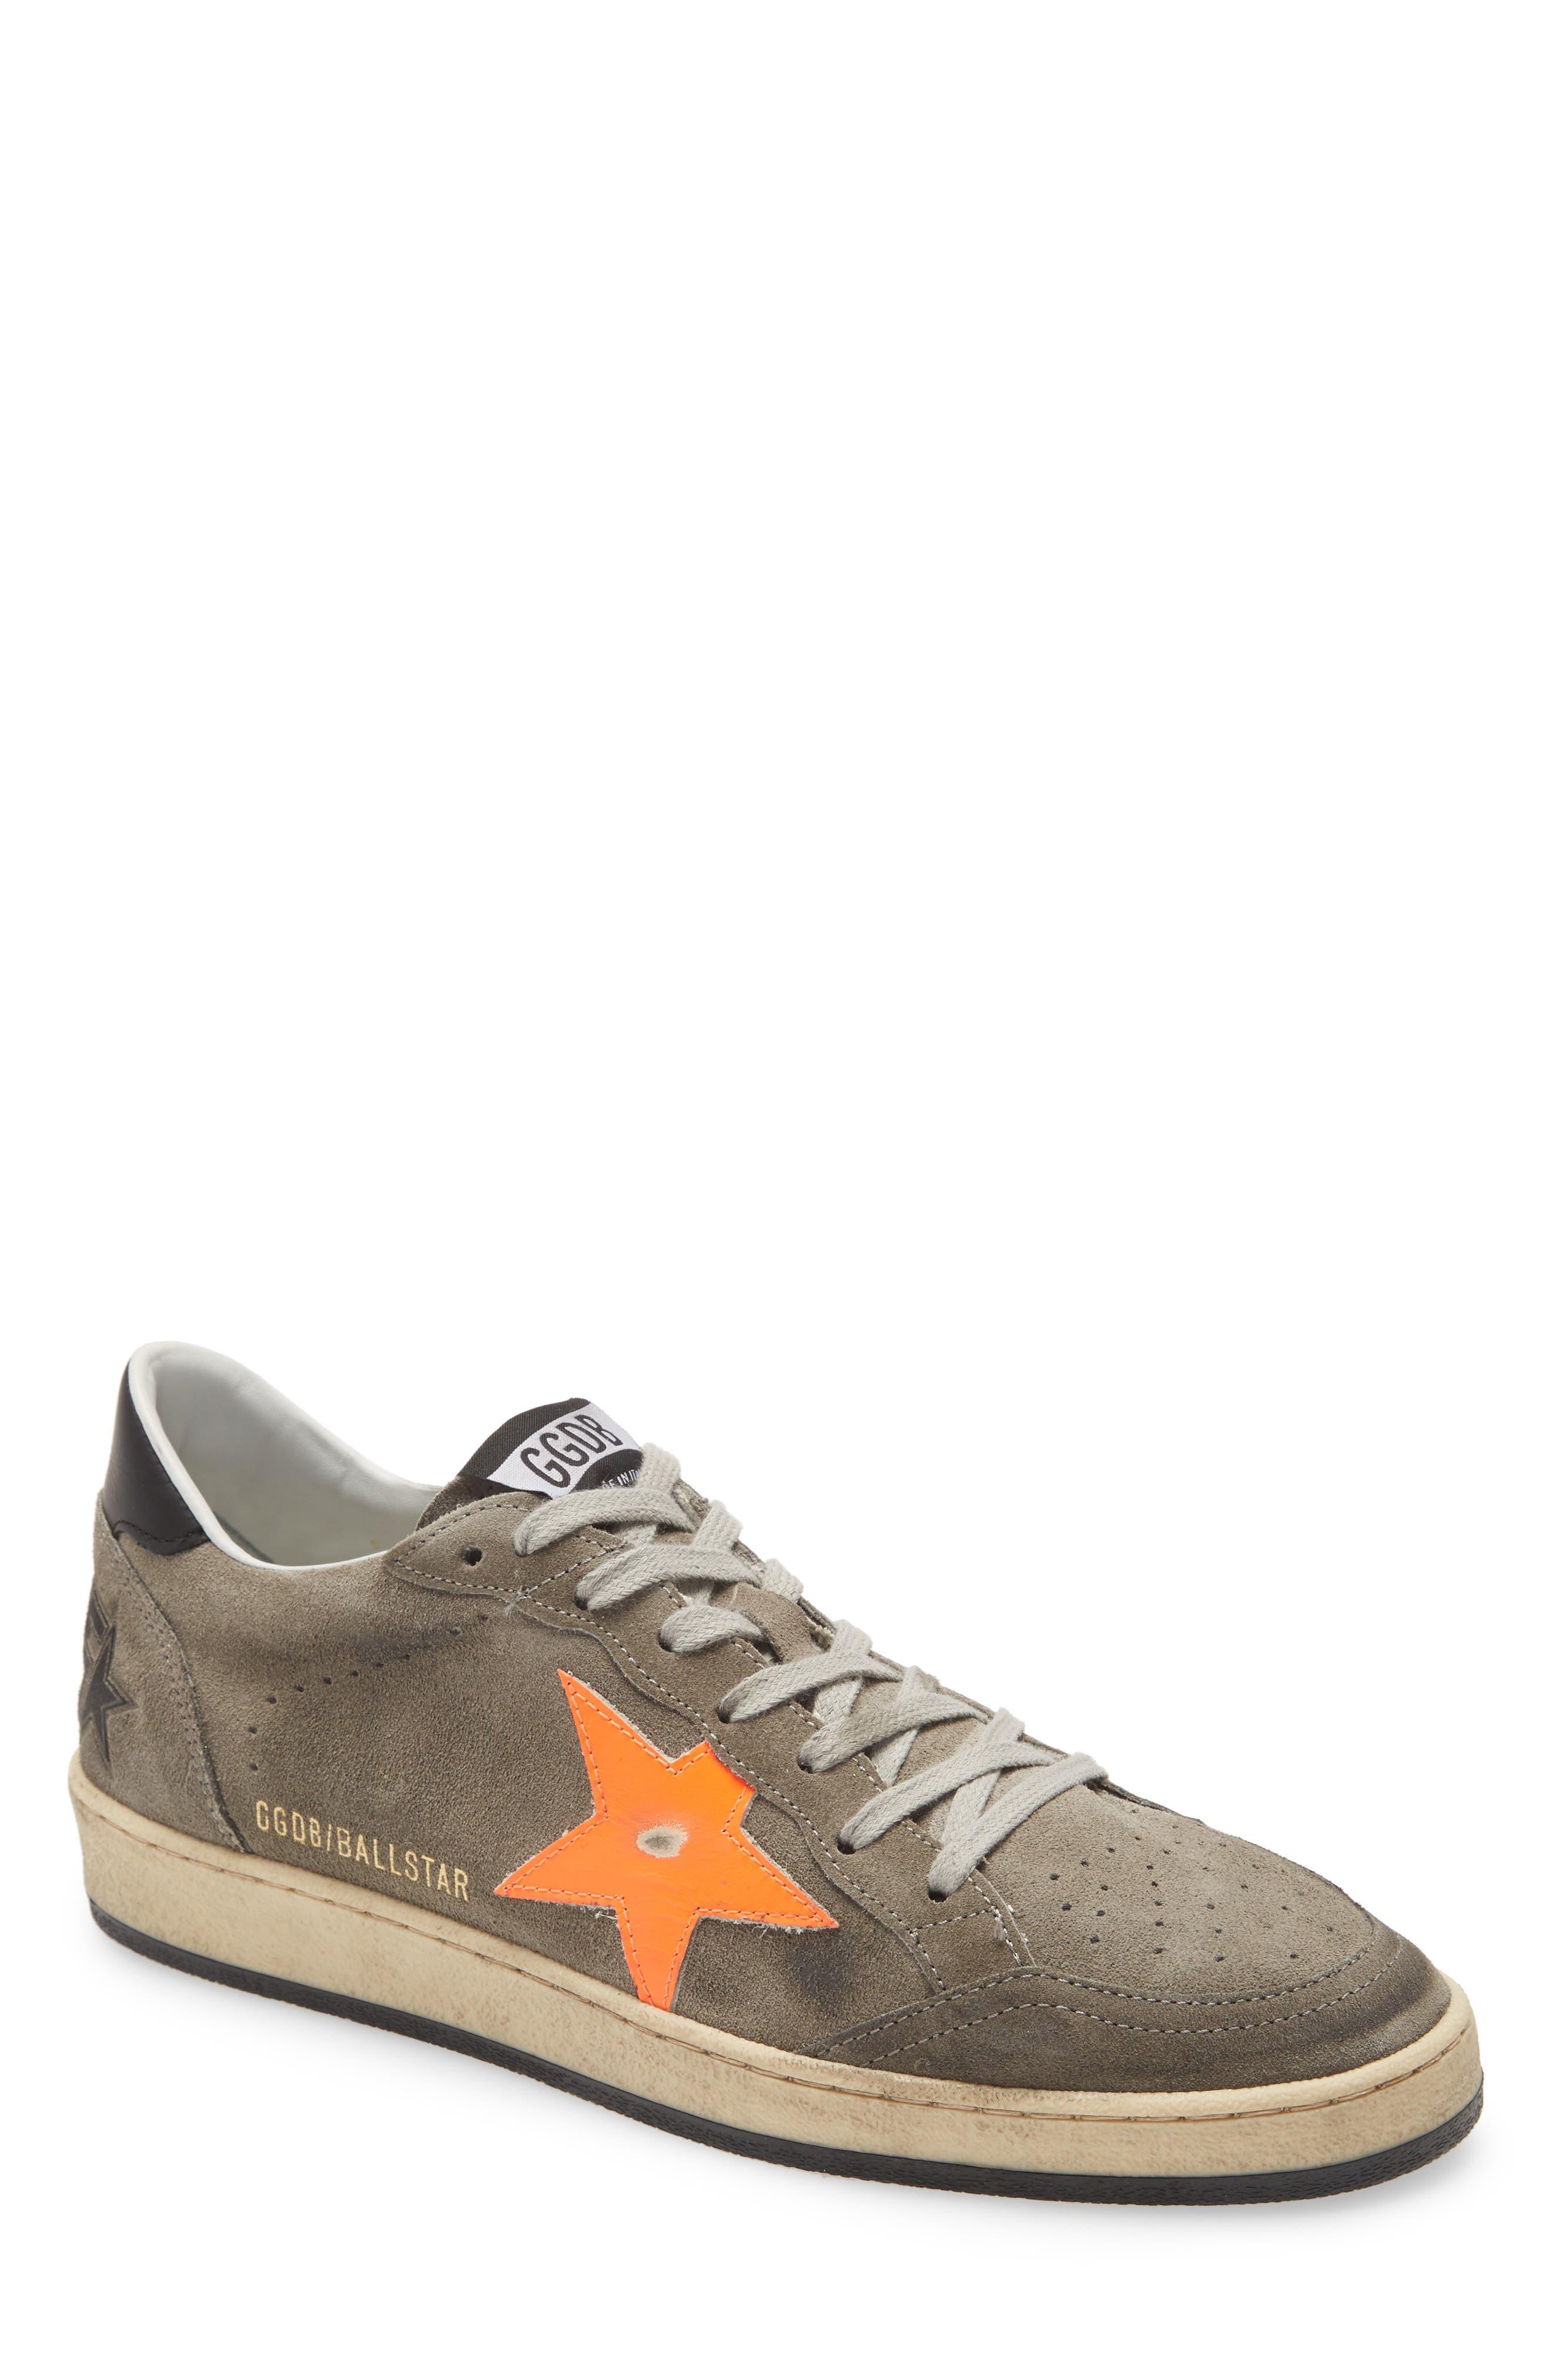 Golden Goose Ball Star Sneaker (Men